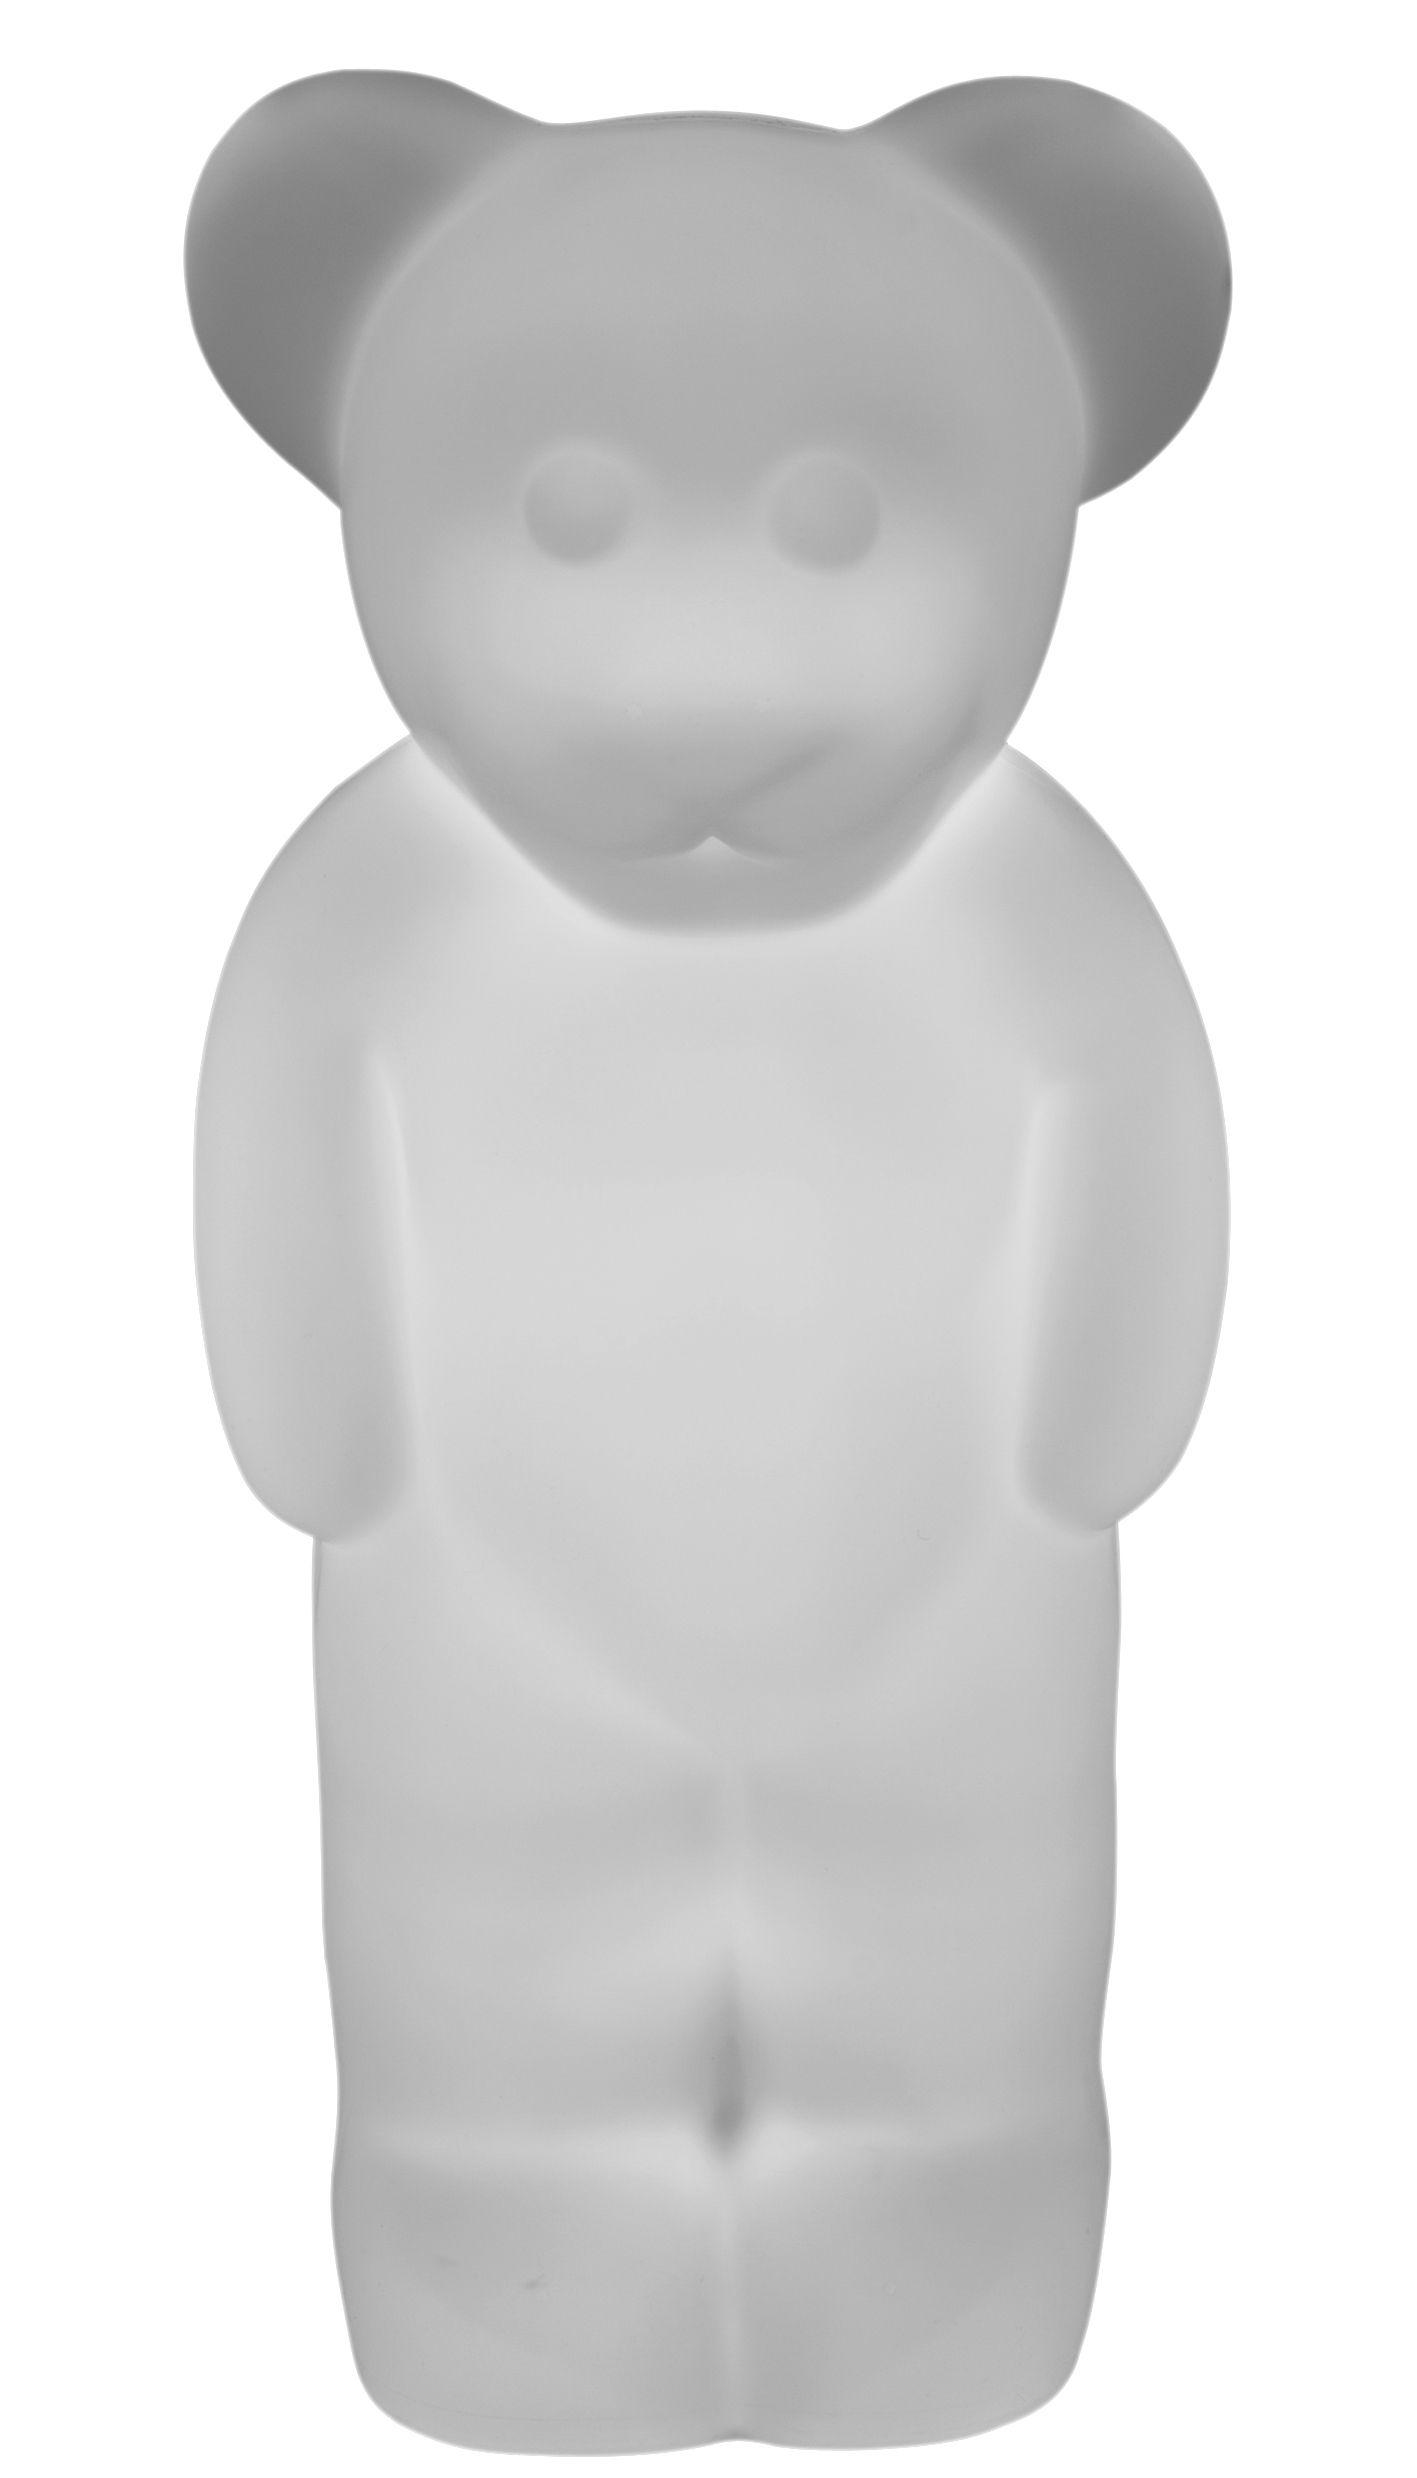 Déco - Pour les enfants - Lampe Lumibär / Veilleuse - H 58 cm - Authentics - Blanc translucide - Polyéthylène